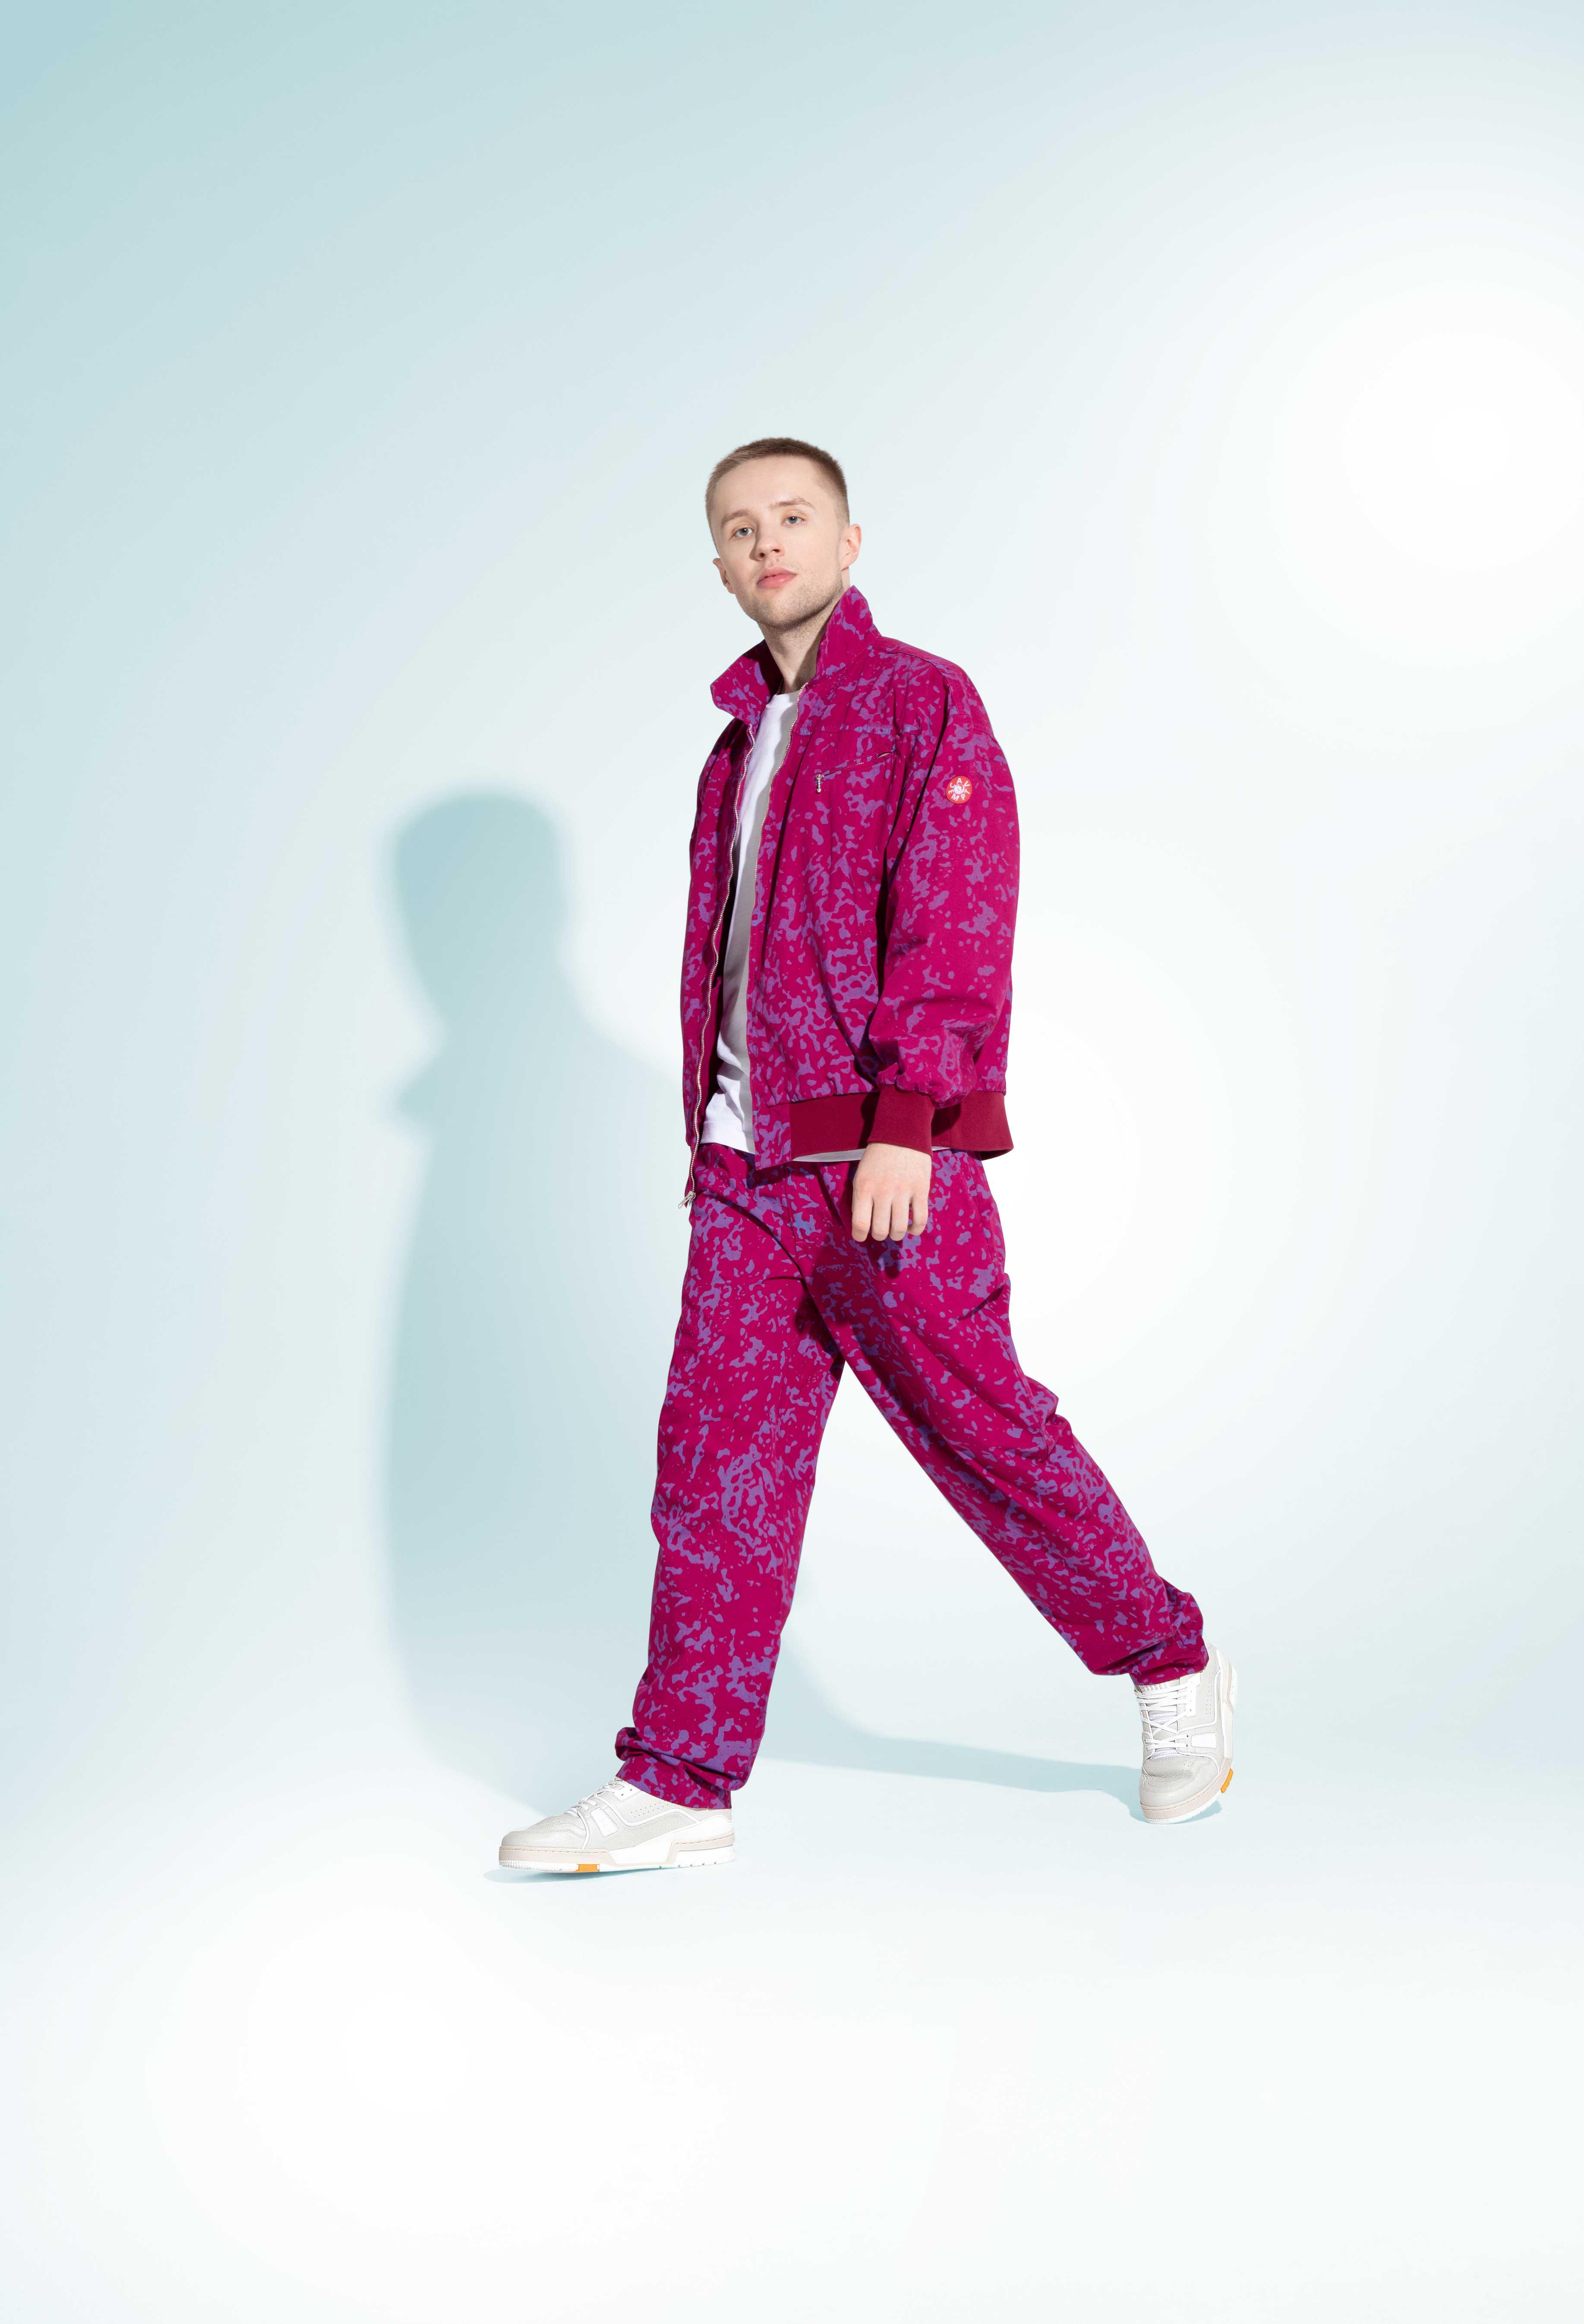 Куртка ибрюки, Cav Empt; футболка Dries Van Noten; кроссовки Louis Vuitton